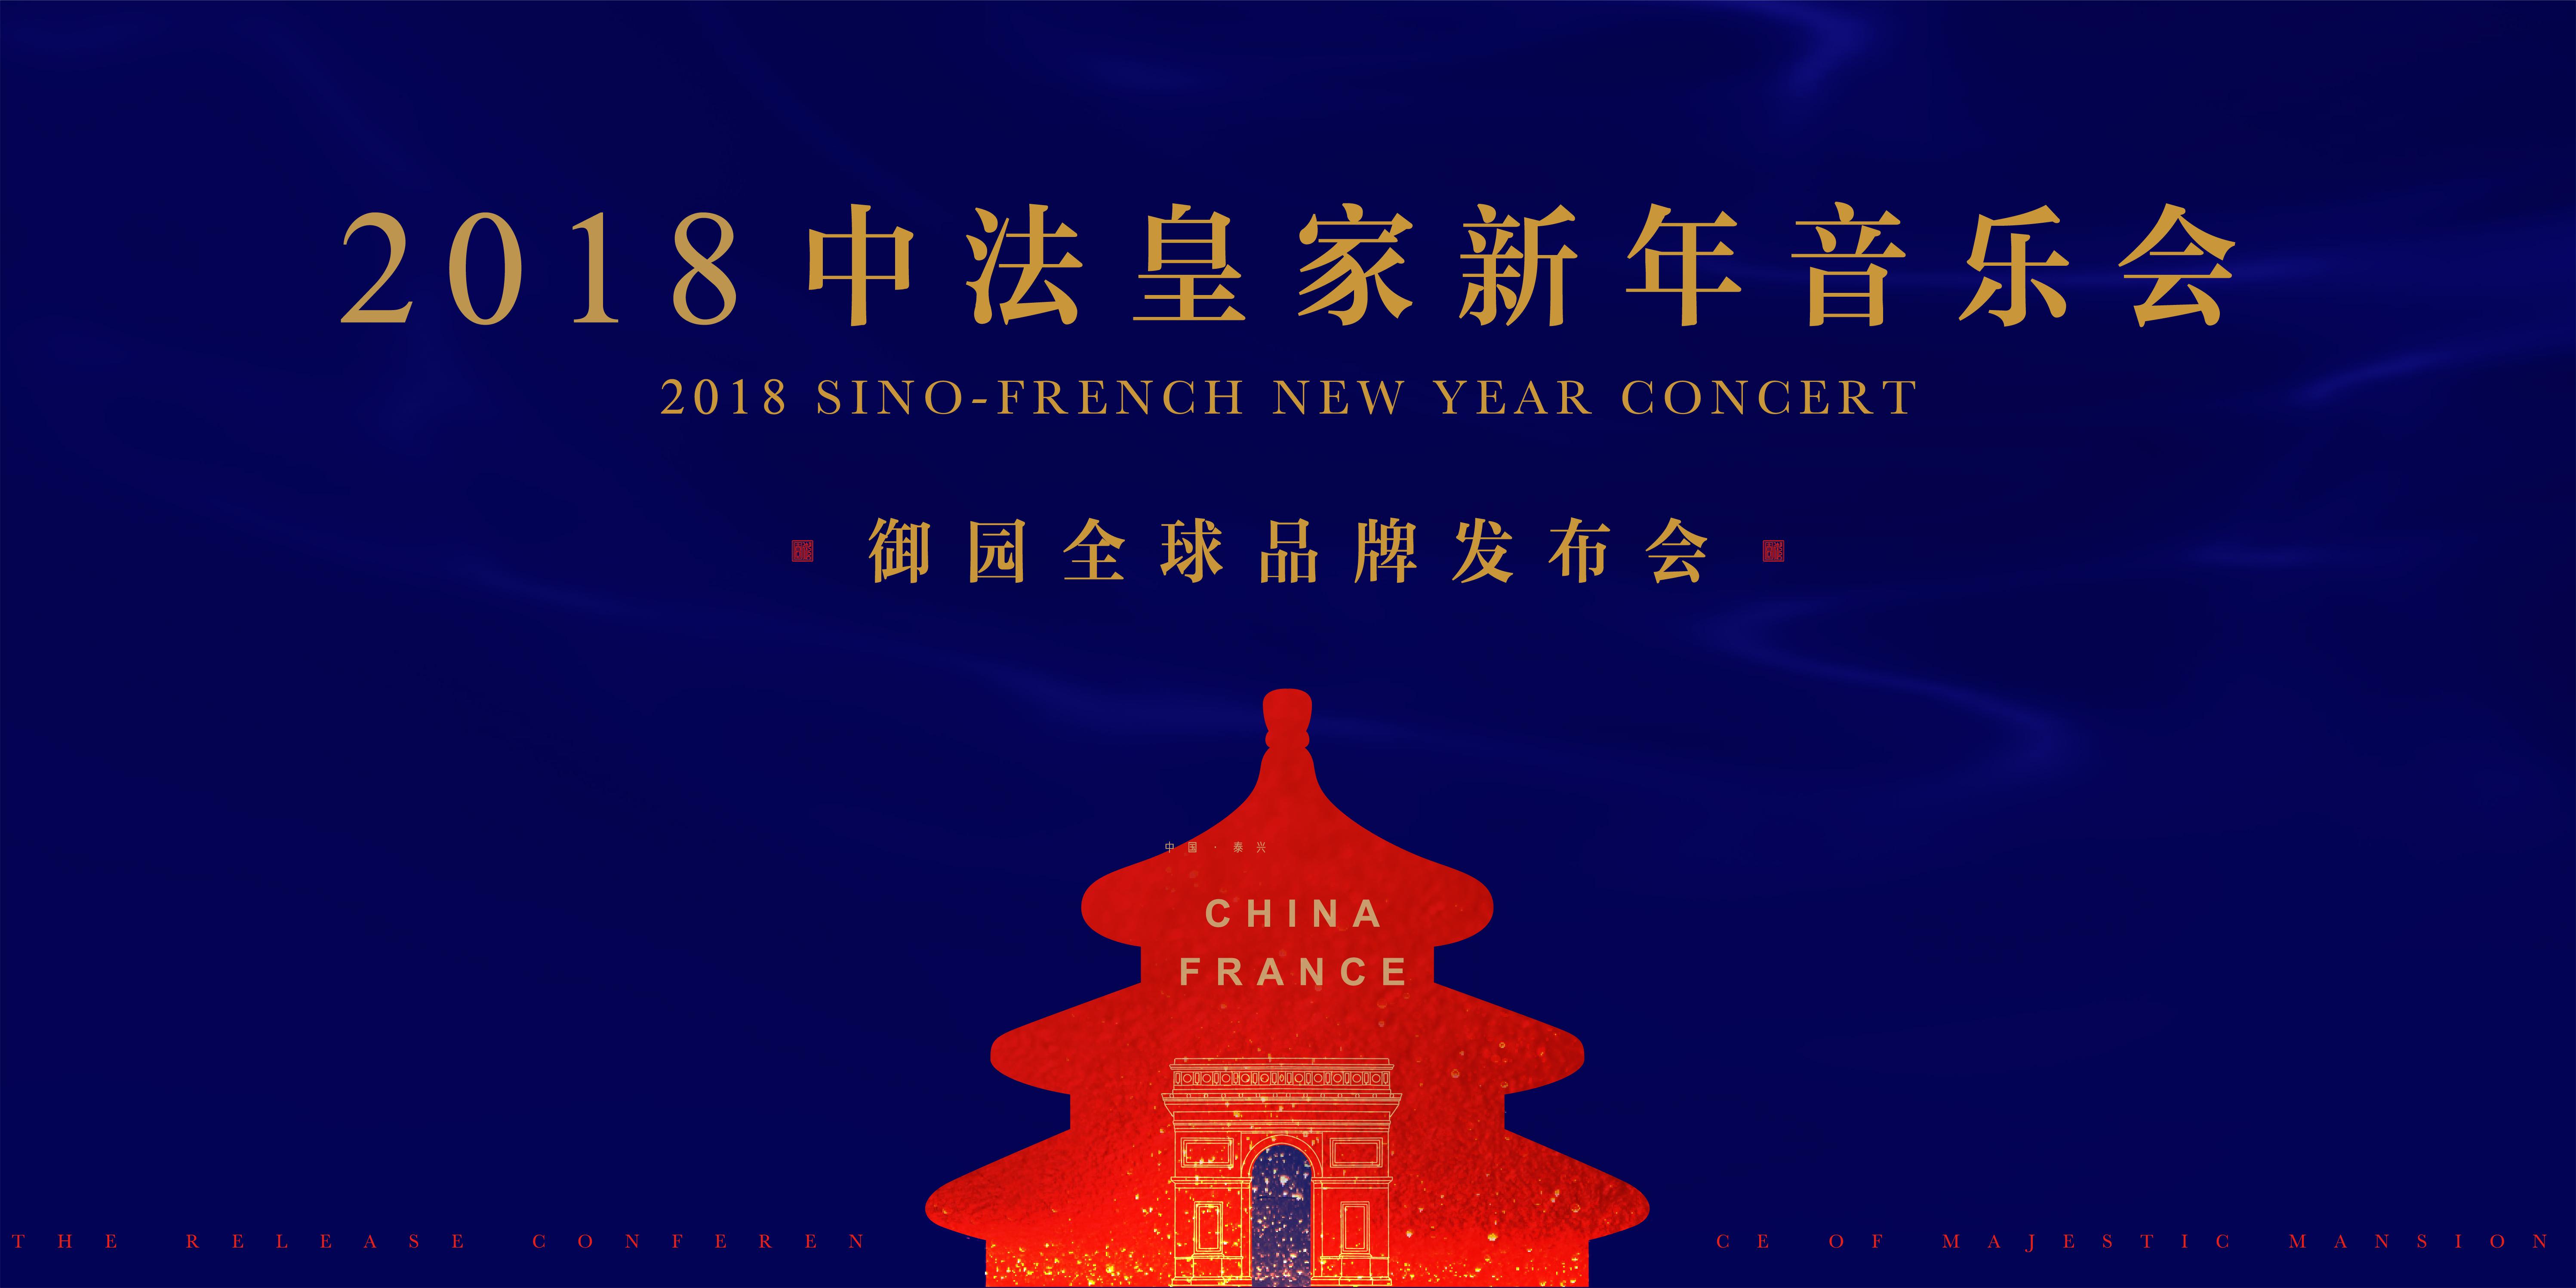 2018中法皇家新年音乐会